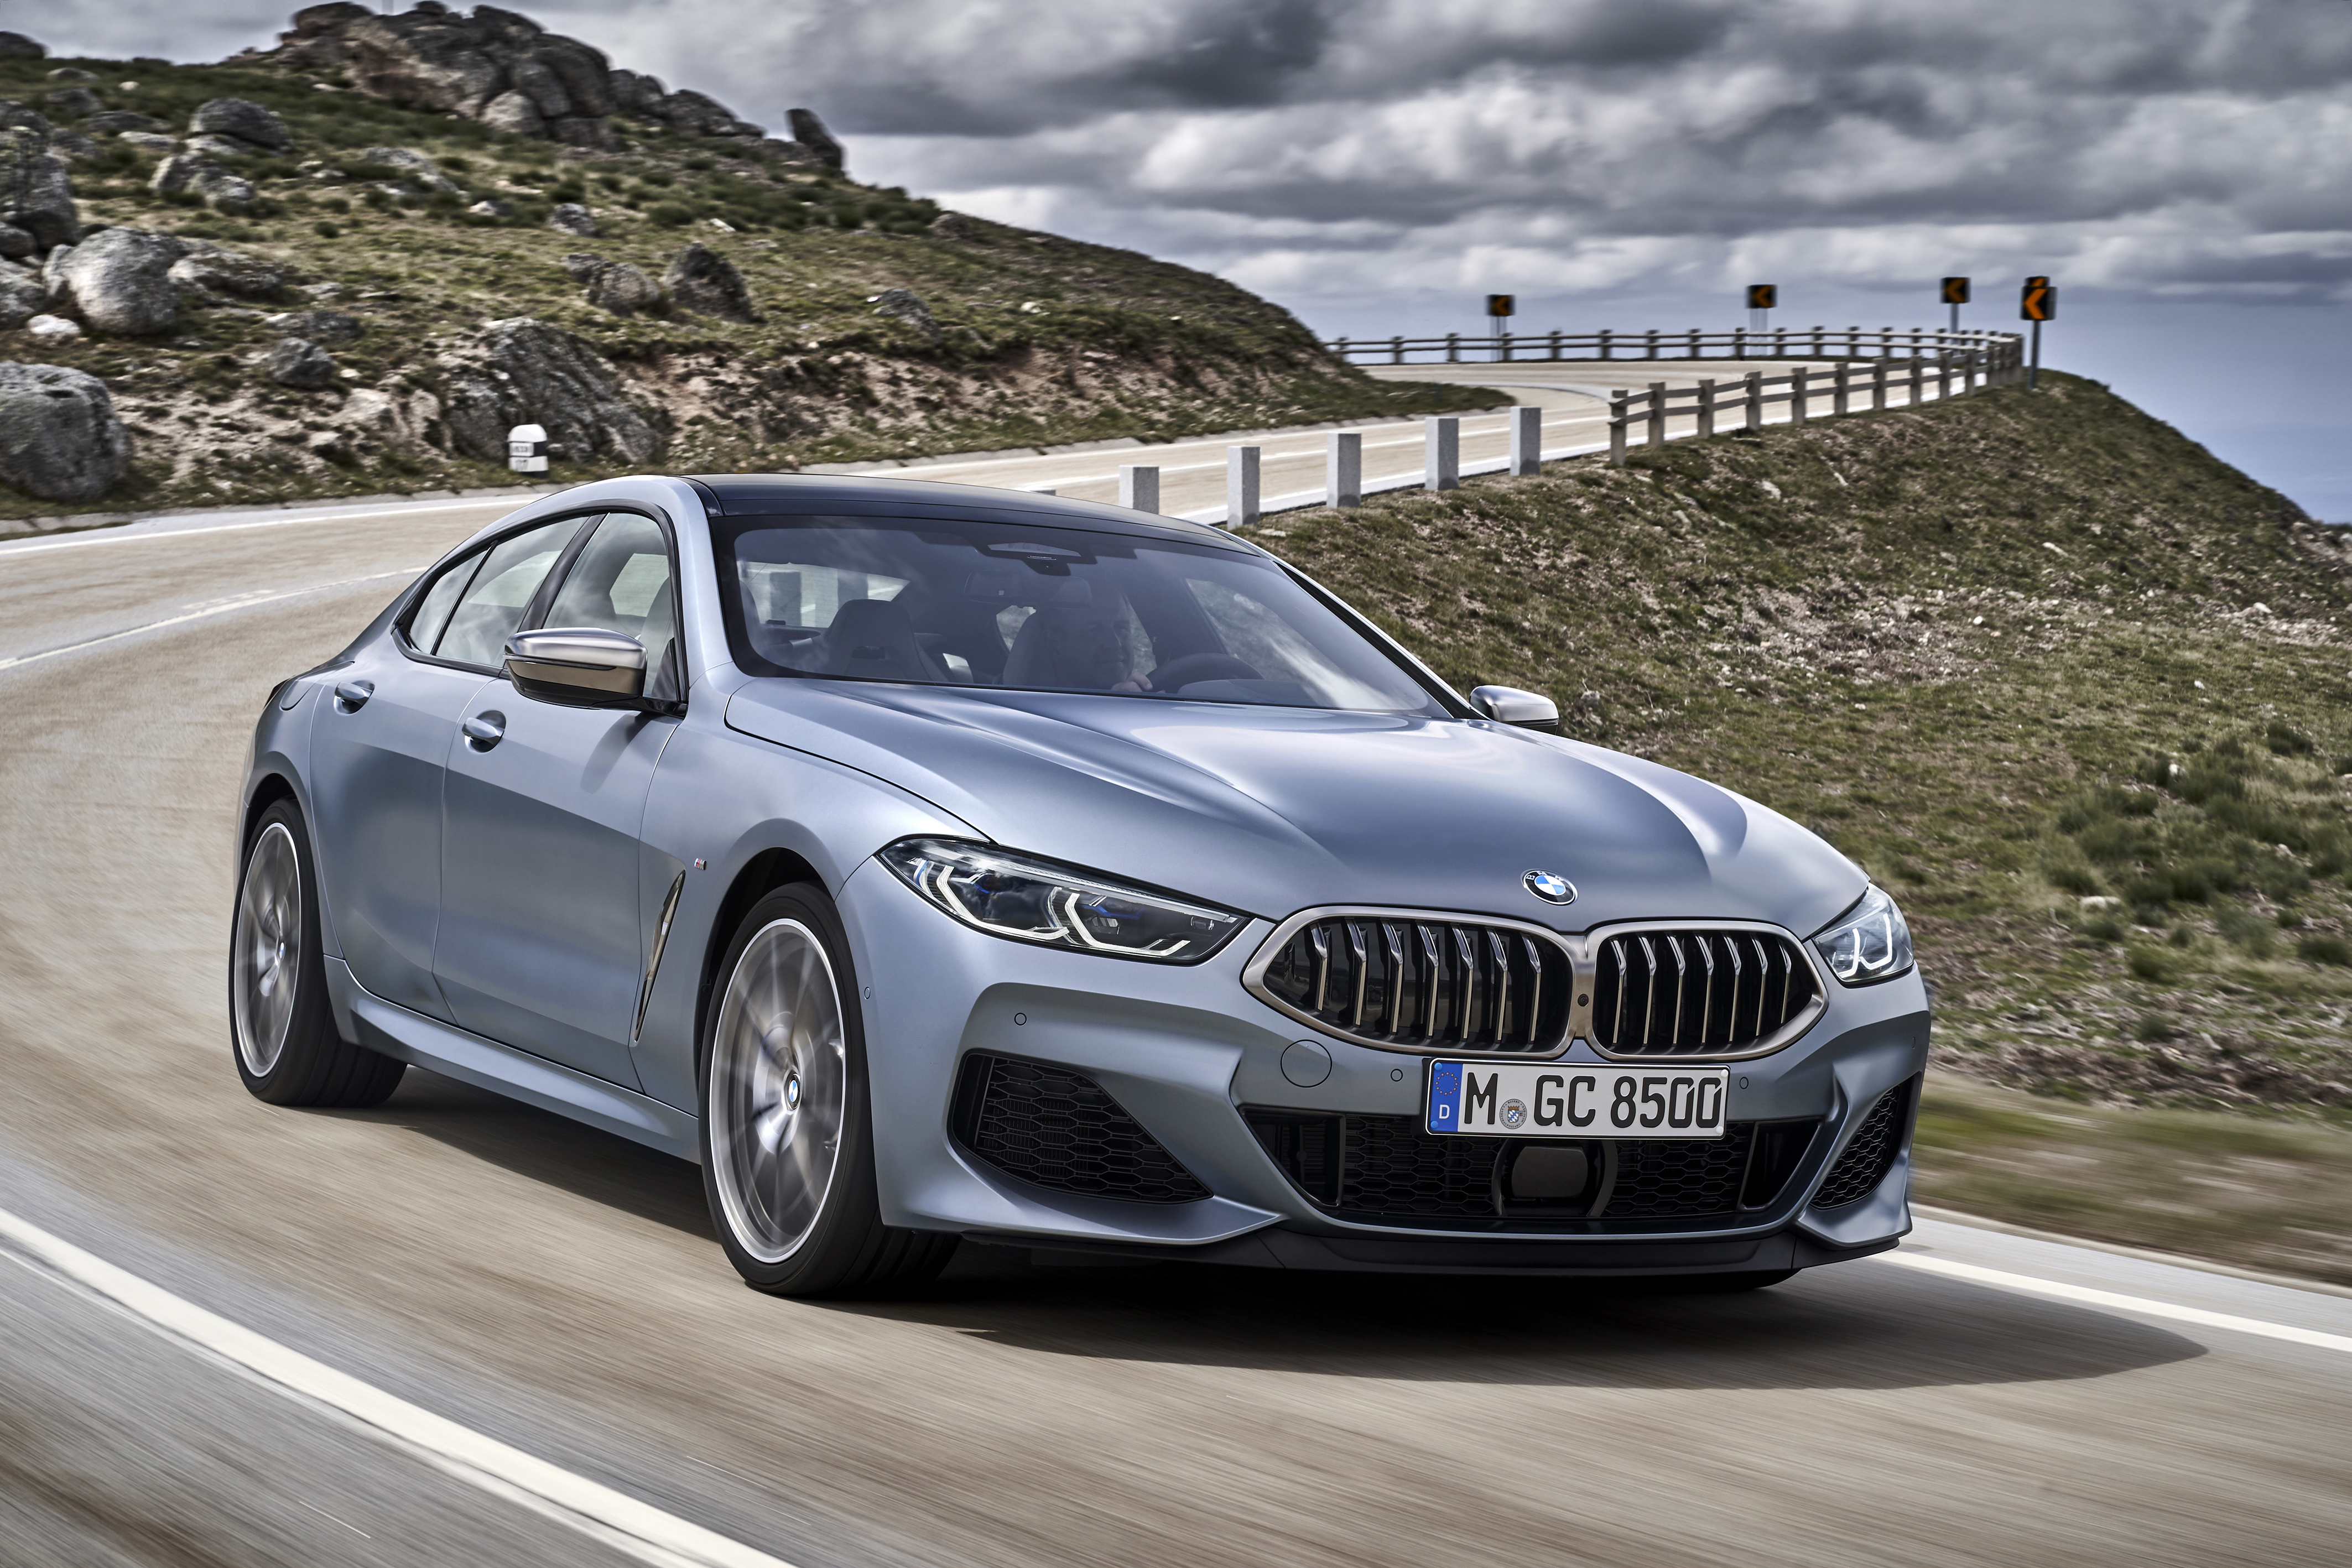 Νέα μοντέλα από την BMW στο σαλόνι της Φρανκφούρτη